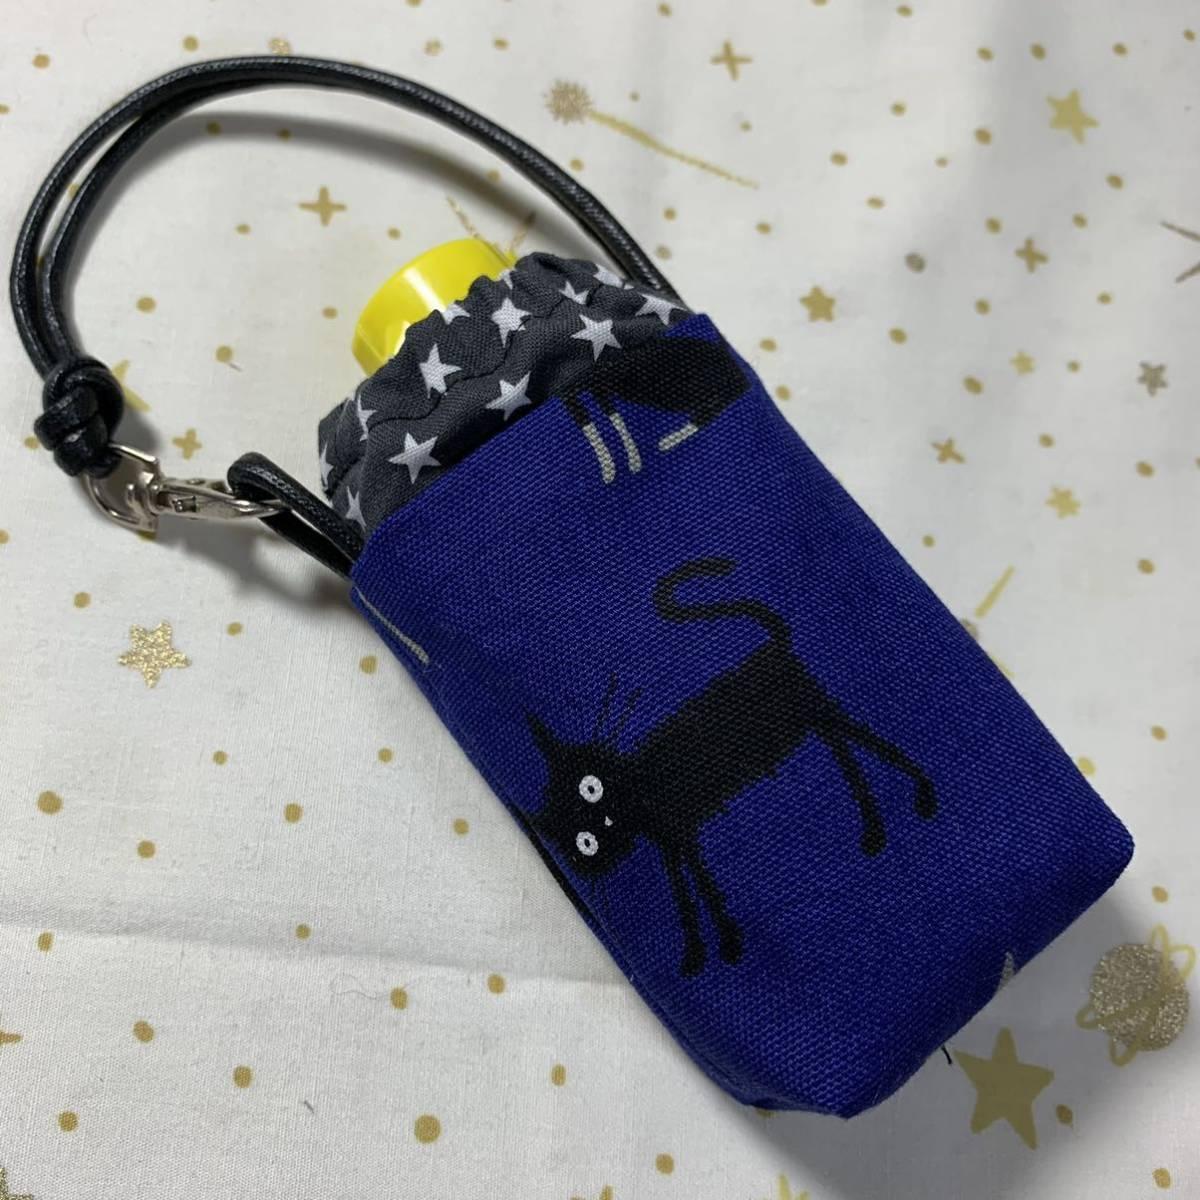 ハンドメイド♪ 手ピカジェル用ケース 黒猫柄ブルー ホルダーケース